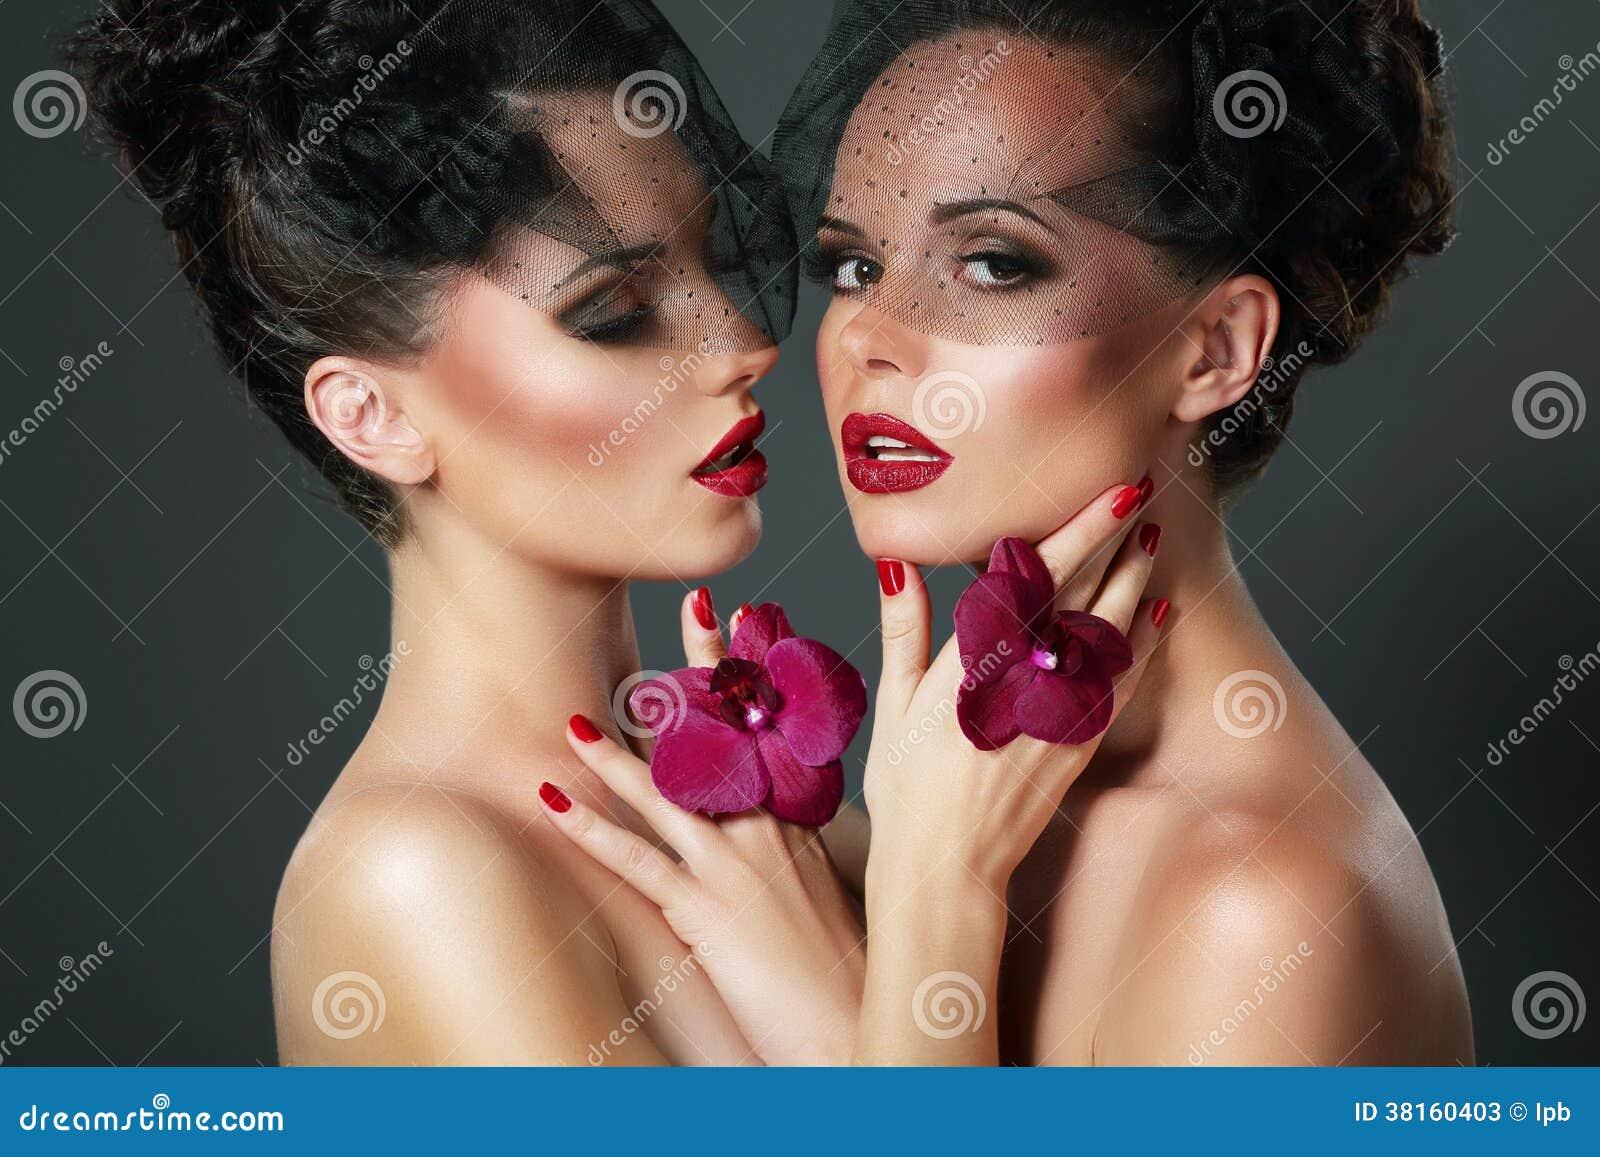 Store flirt møtte vrouwen